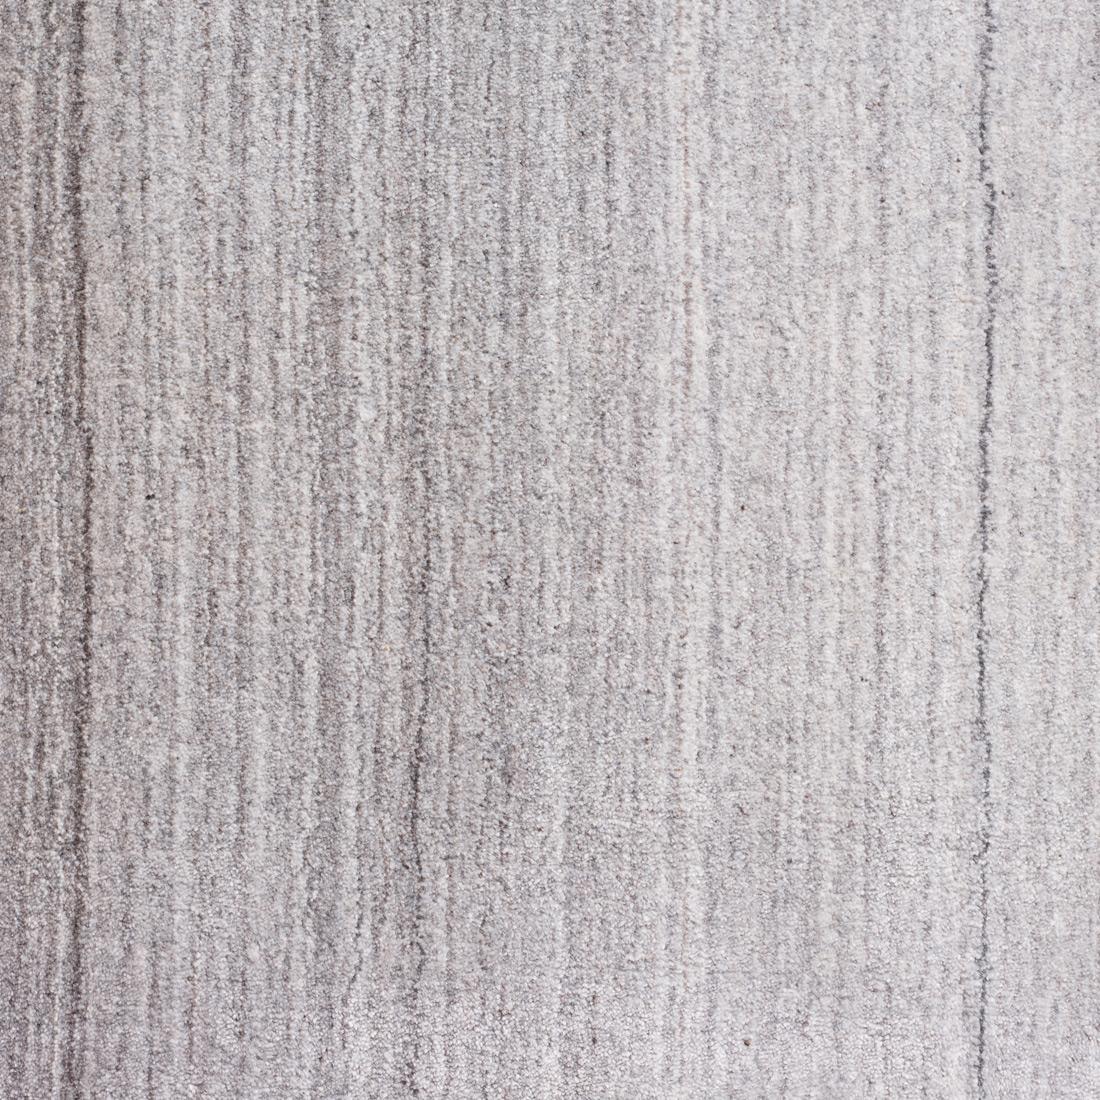 Vloerkleed Xilento Admire Ivory | 170 x 230 cm